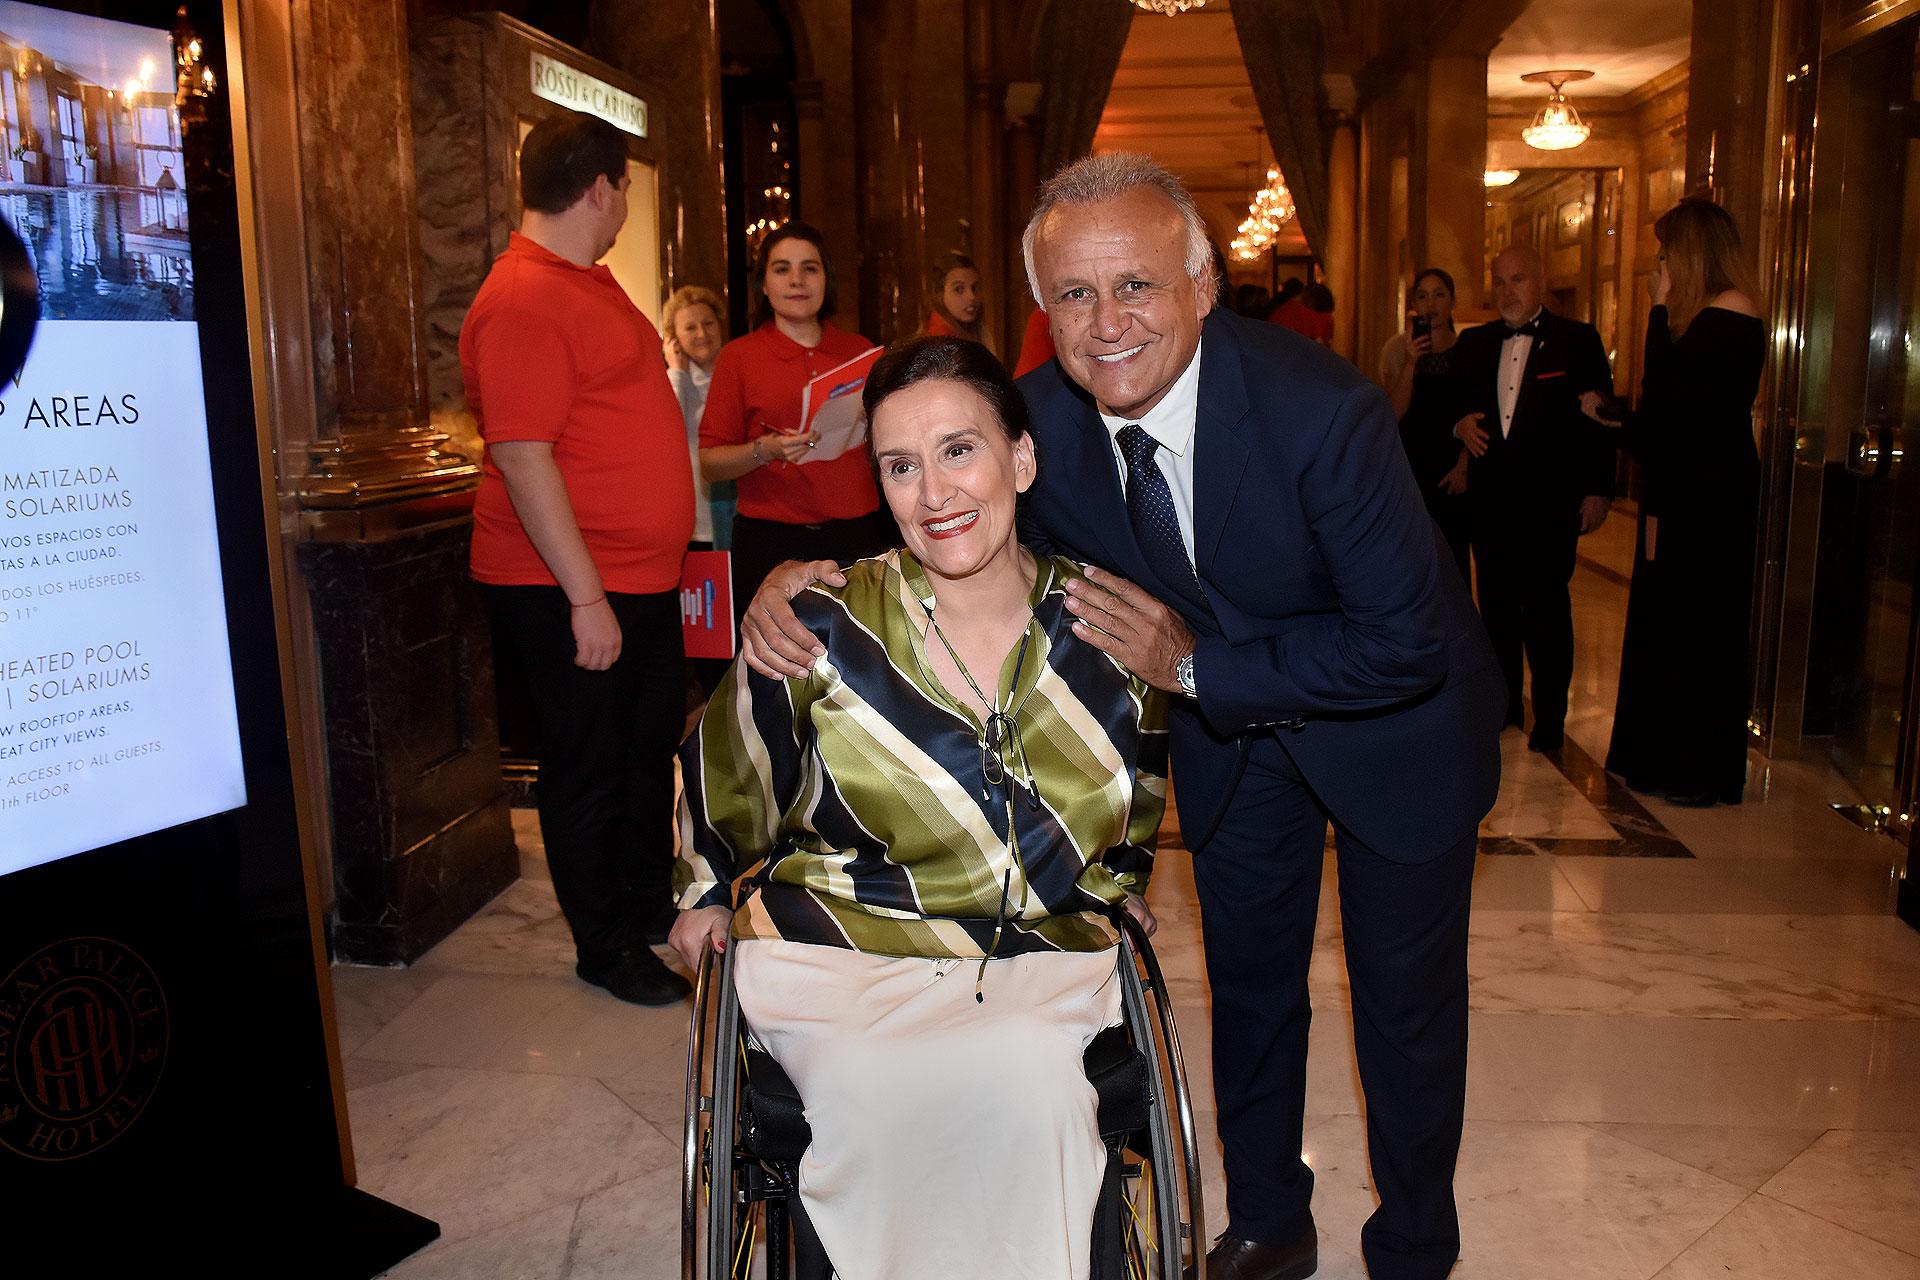 La vicepresidente Gabriela Michetti junto al ex embajador en Panamá, Miguel del Sel